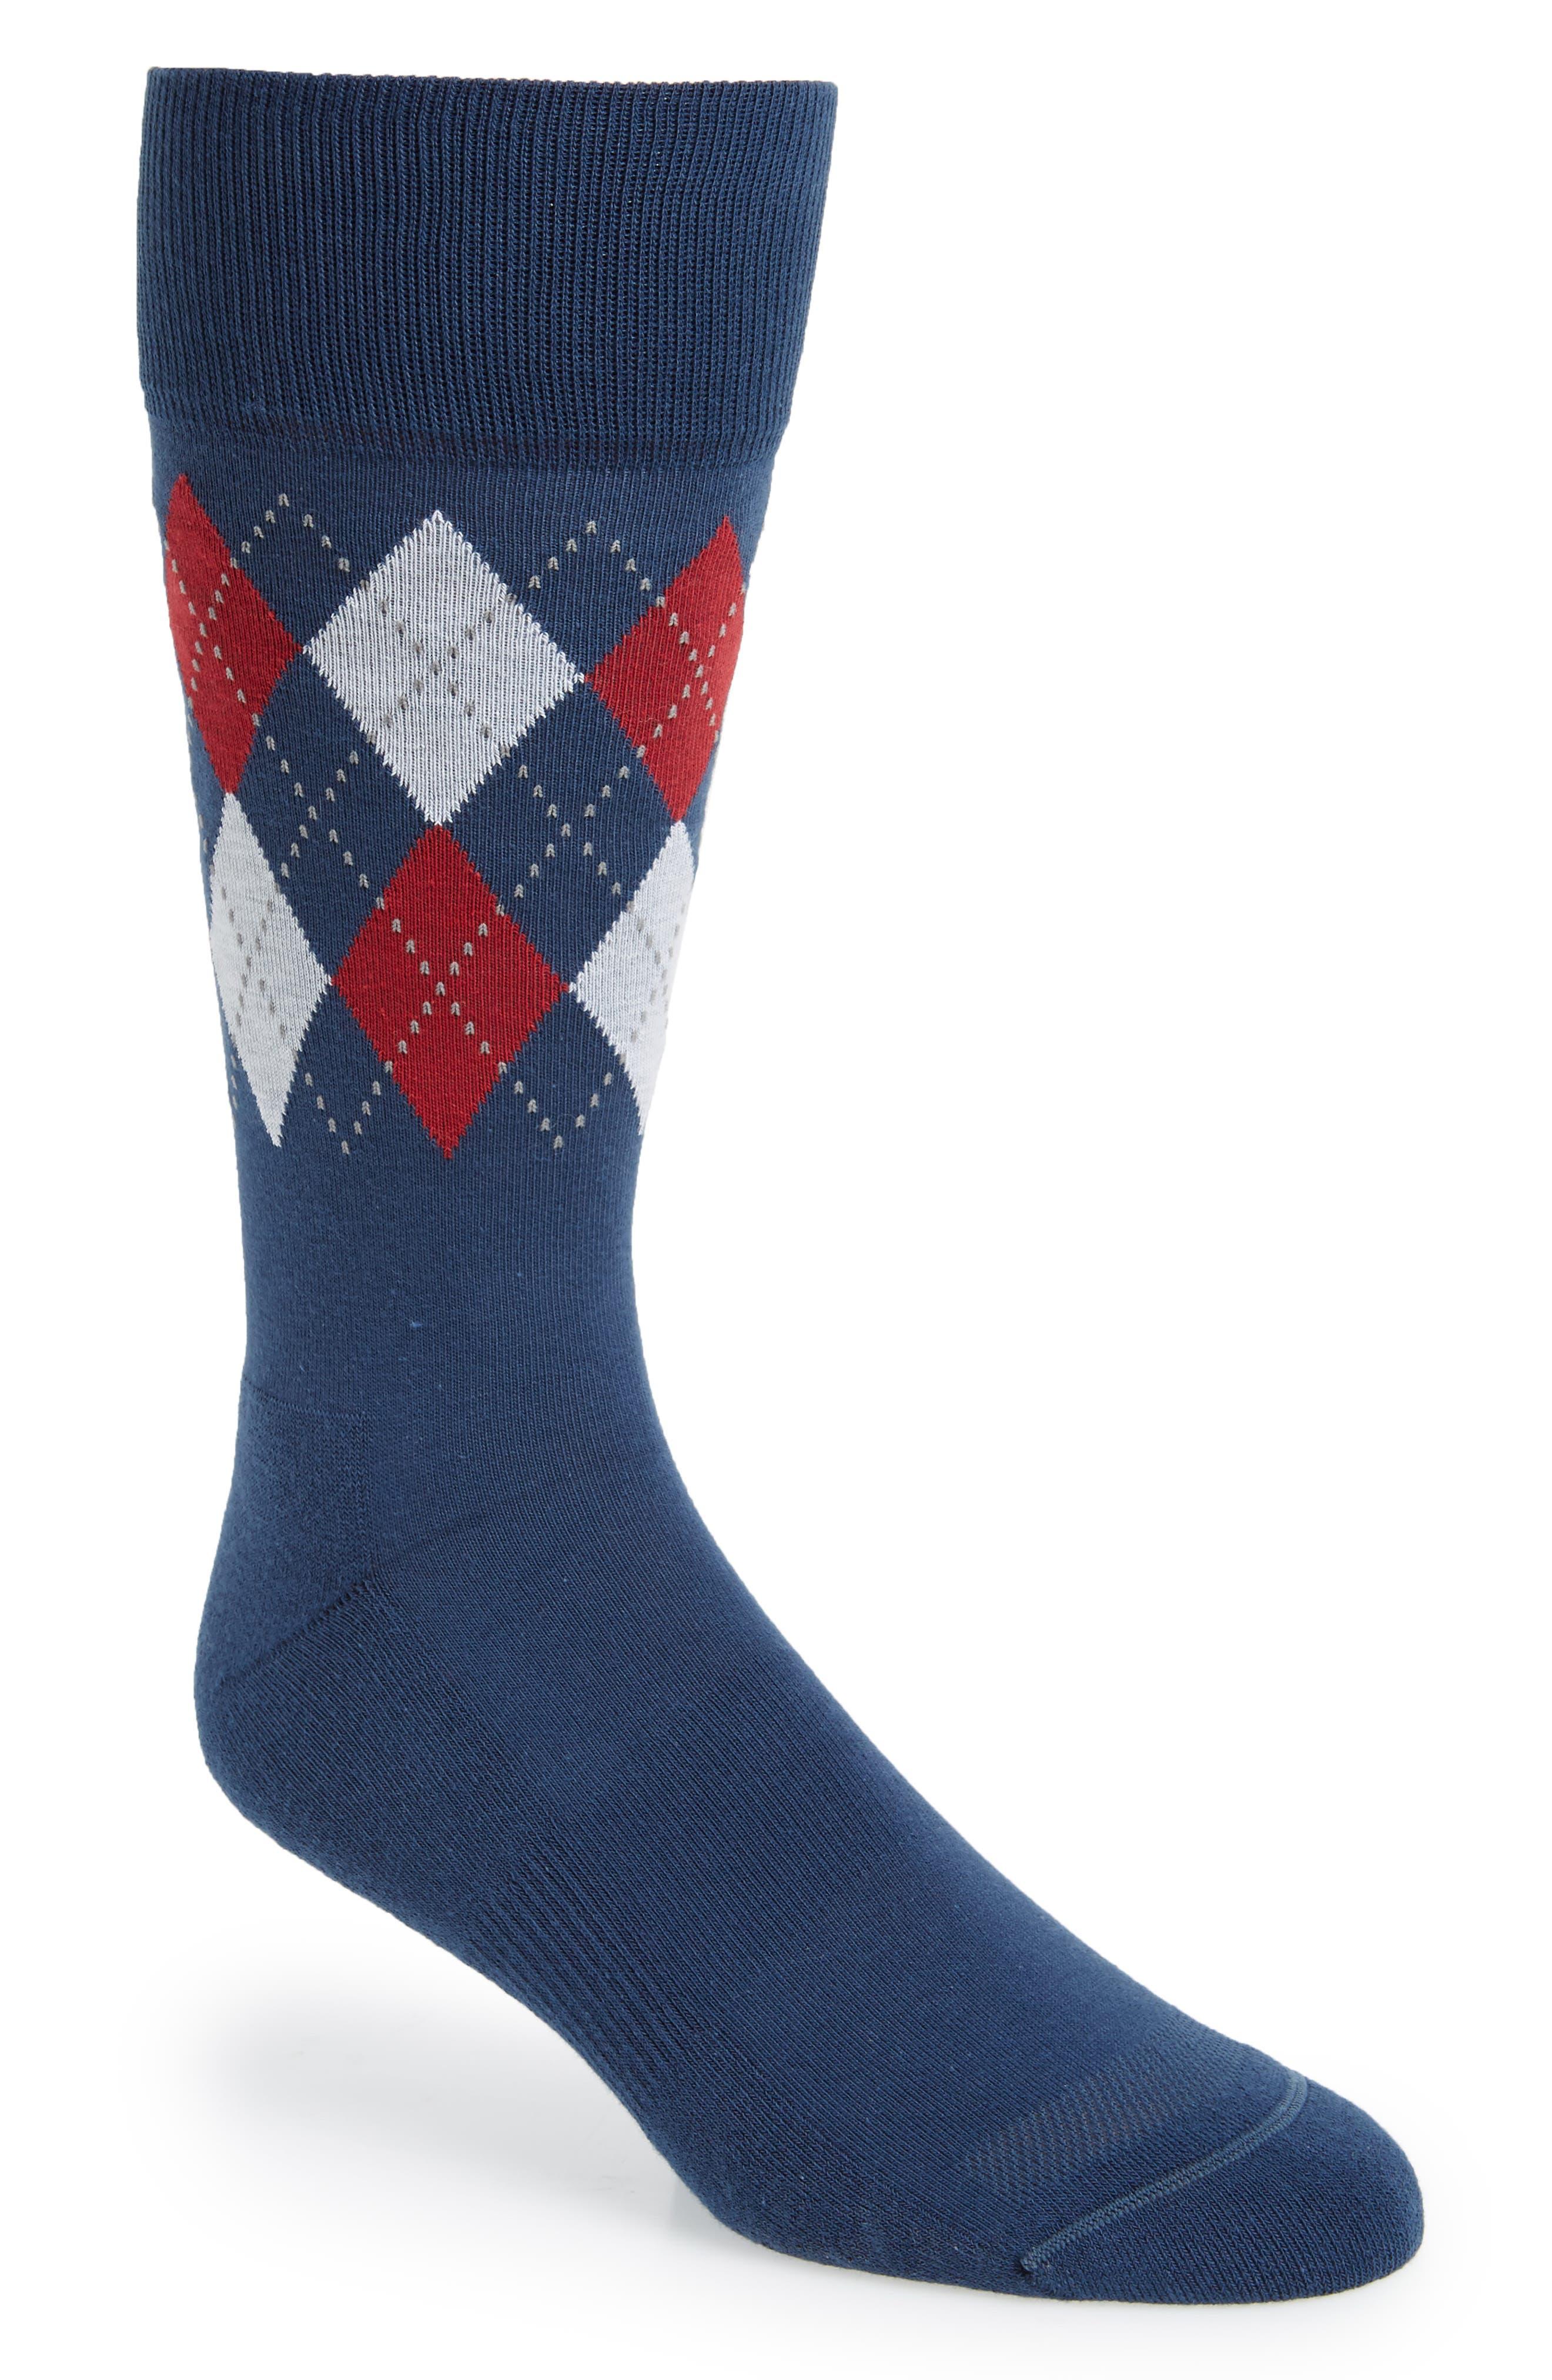 Main Image - Nordstrom Men's Shop Argyle Band Socks